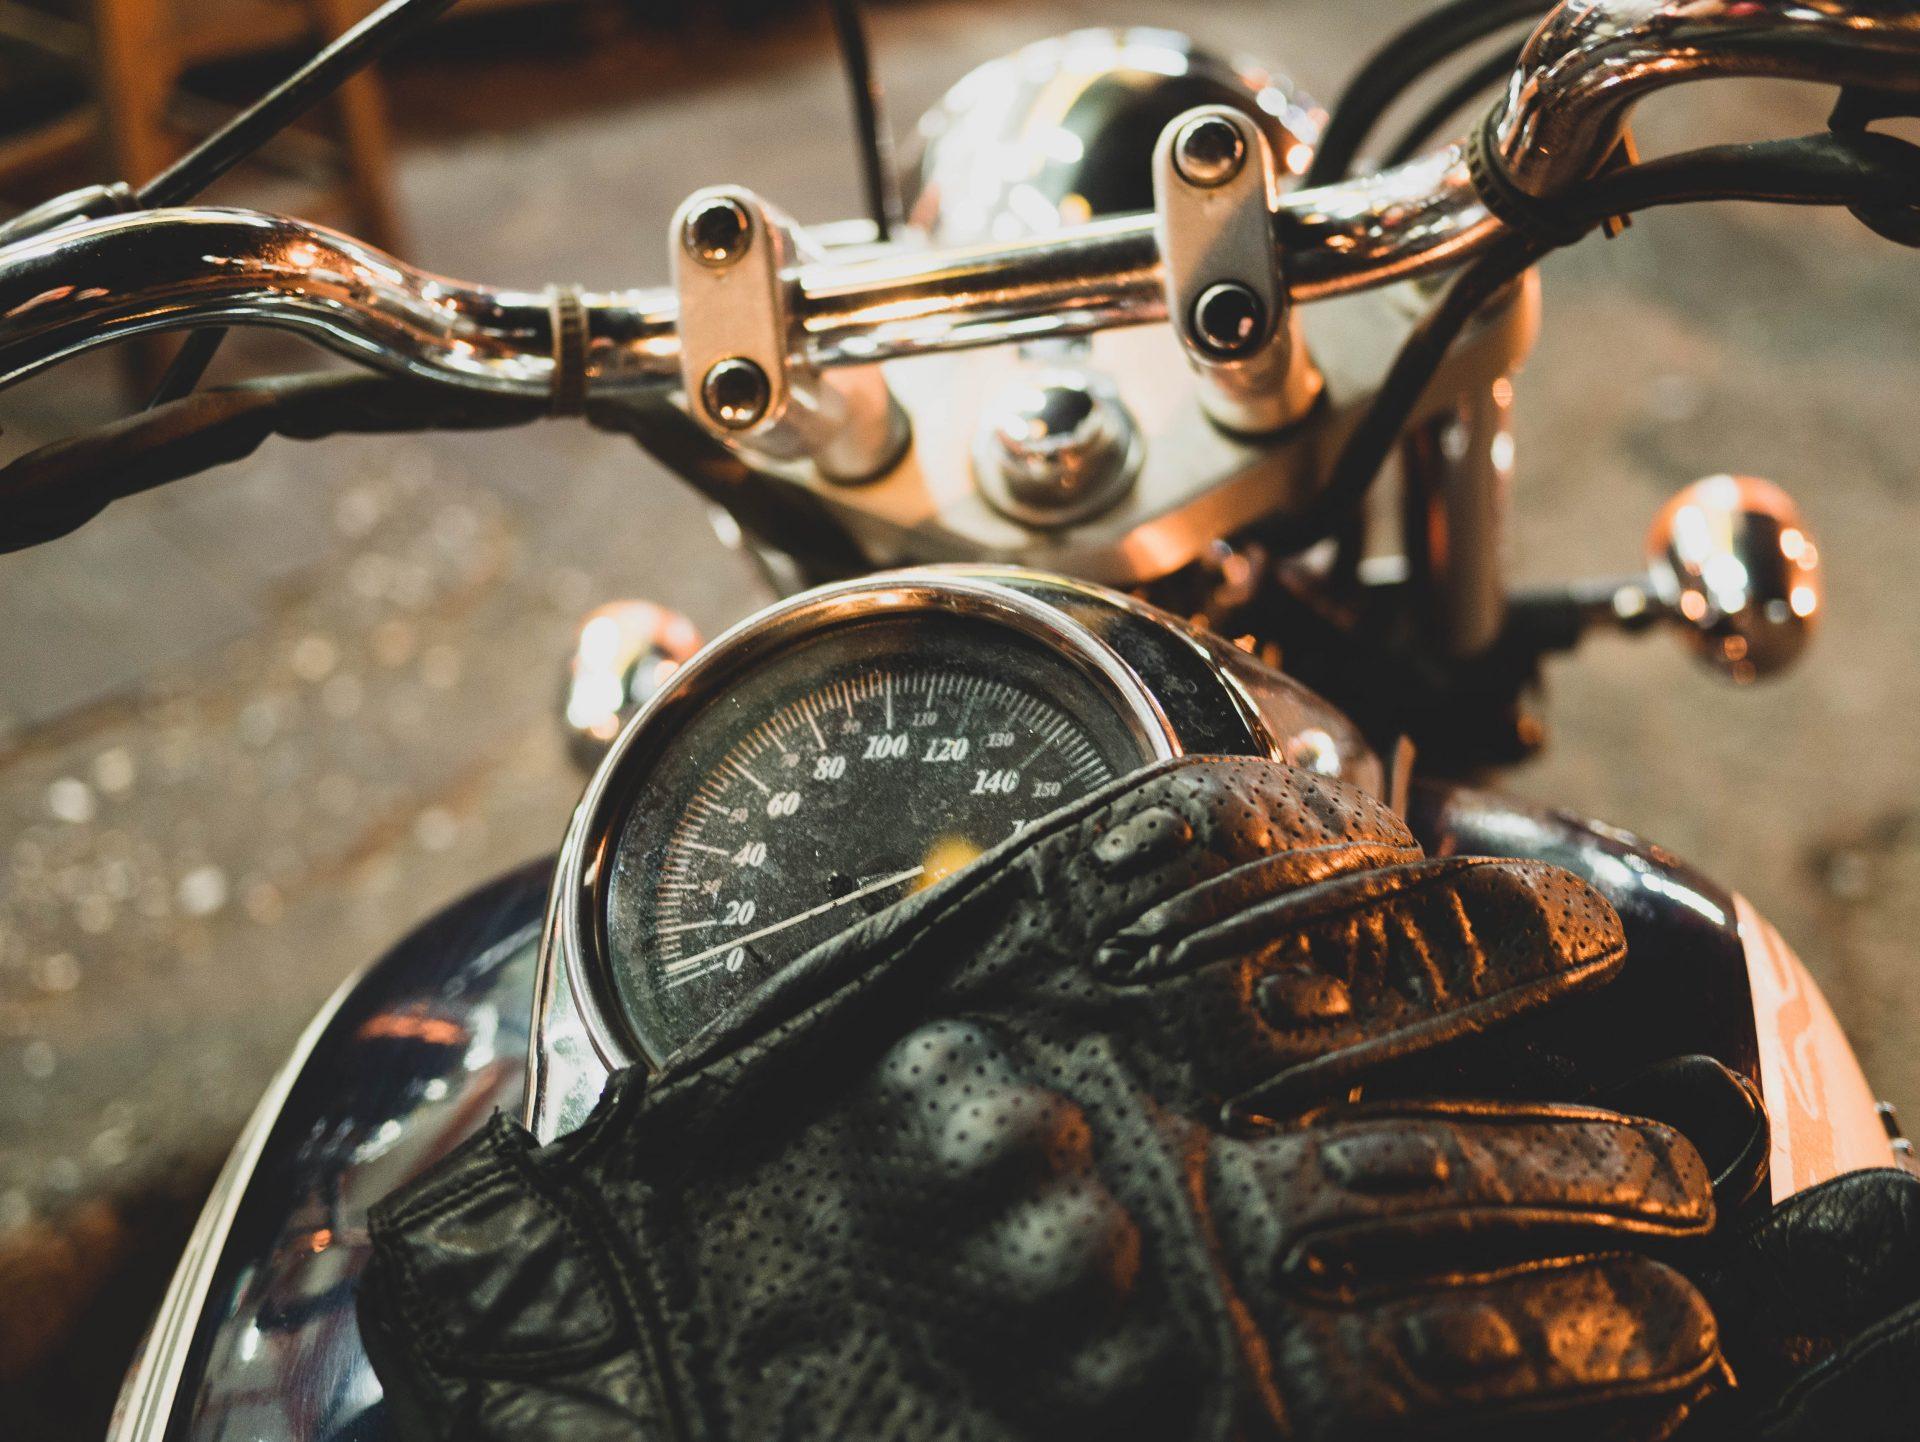 Paslaugos_MOTO_Motociklo-techninės-būklės-įvertinimas-prieš-pirkimą